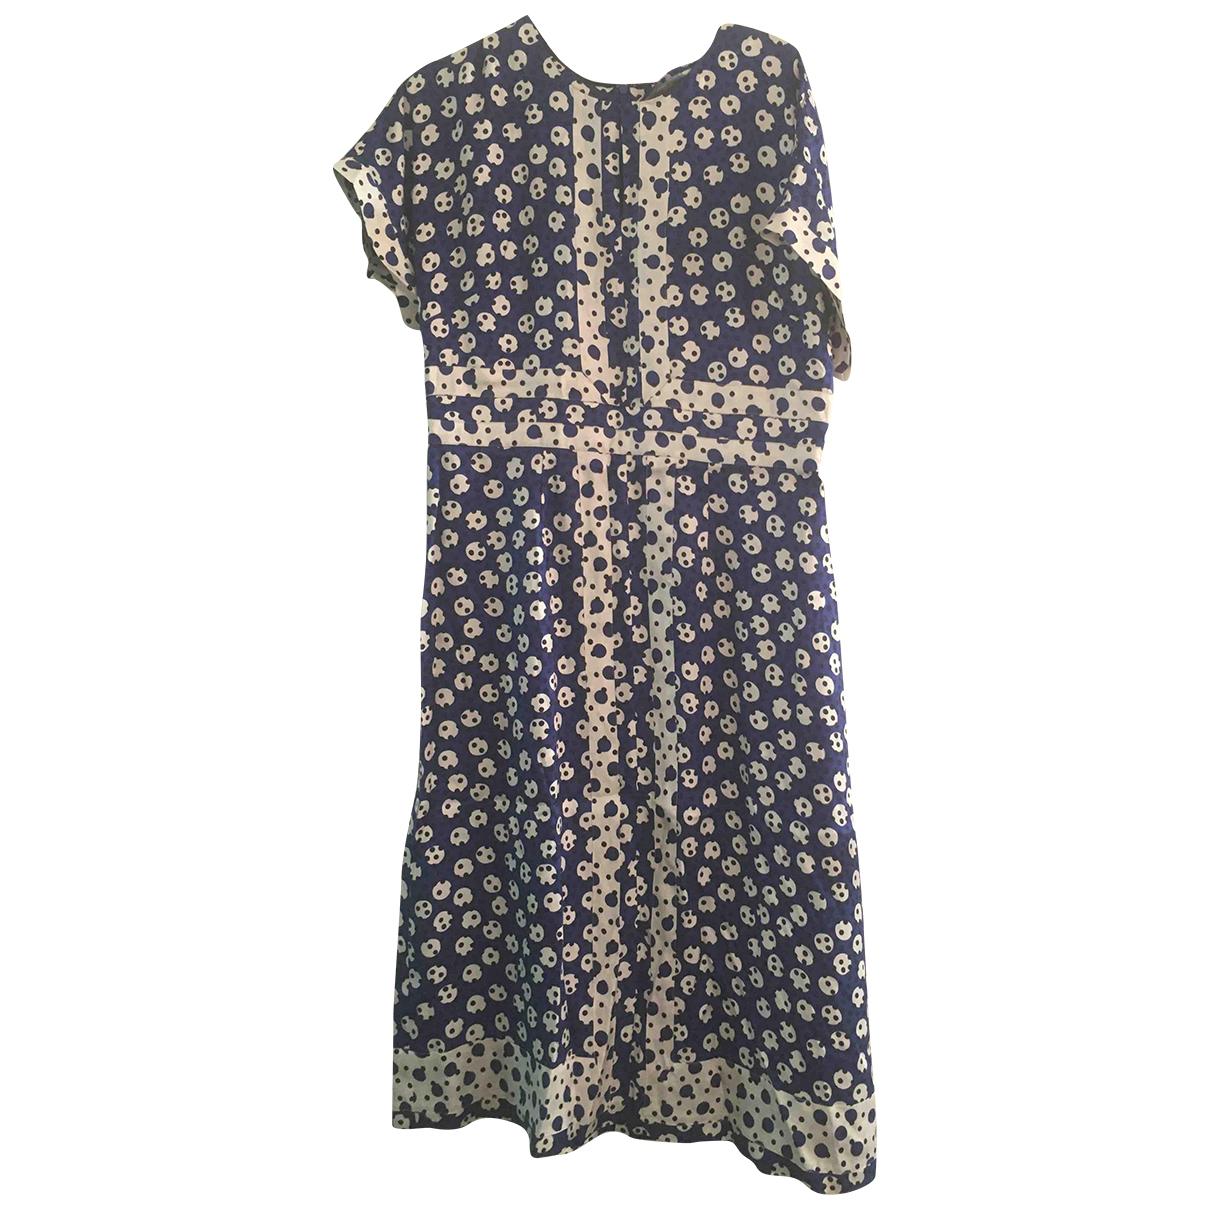 Boden \N Kleid in Polyester